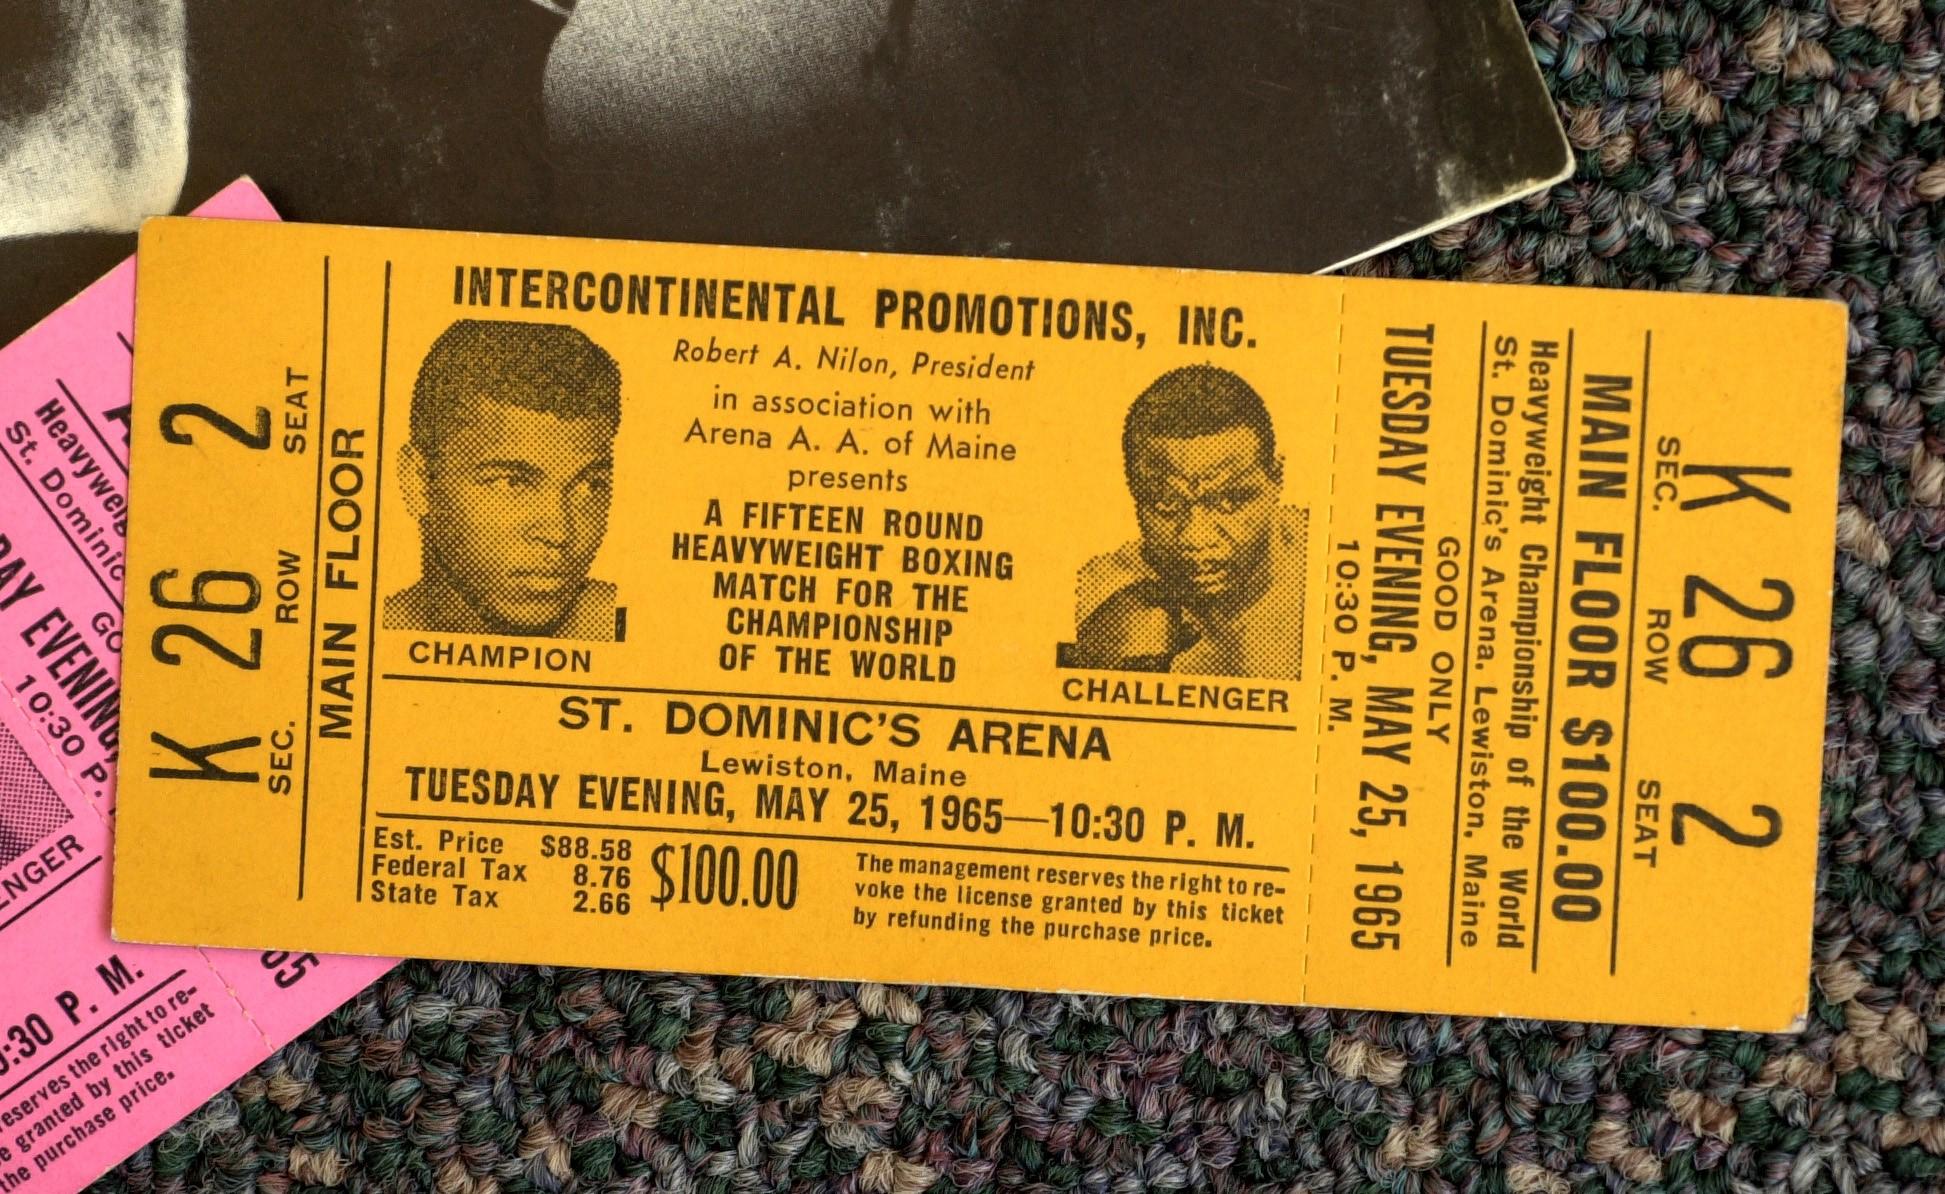 Le billet du match entre Ali et Liston